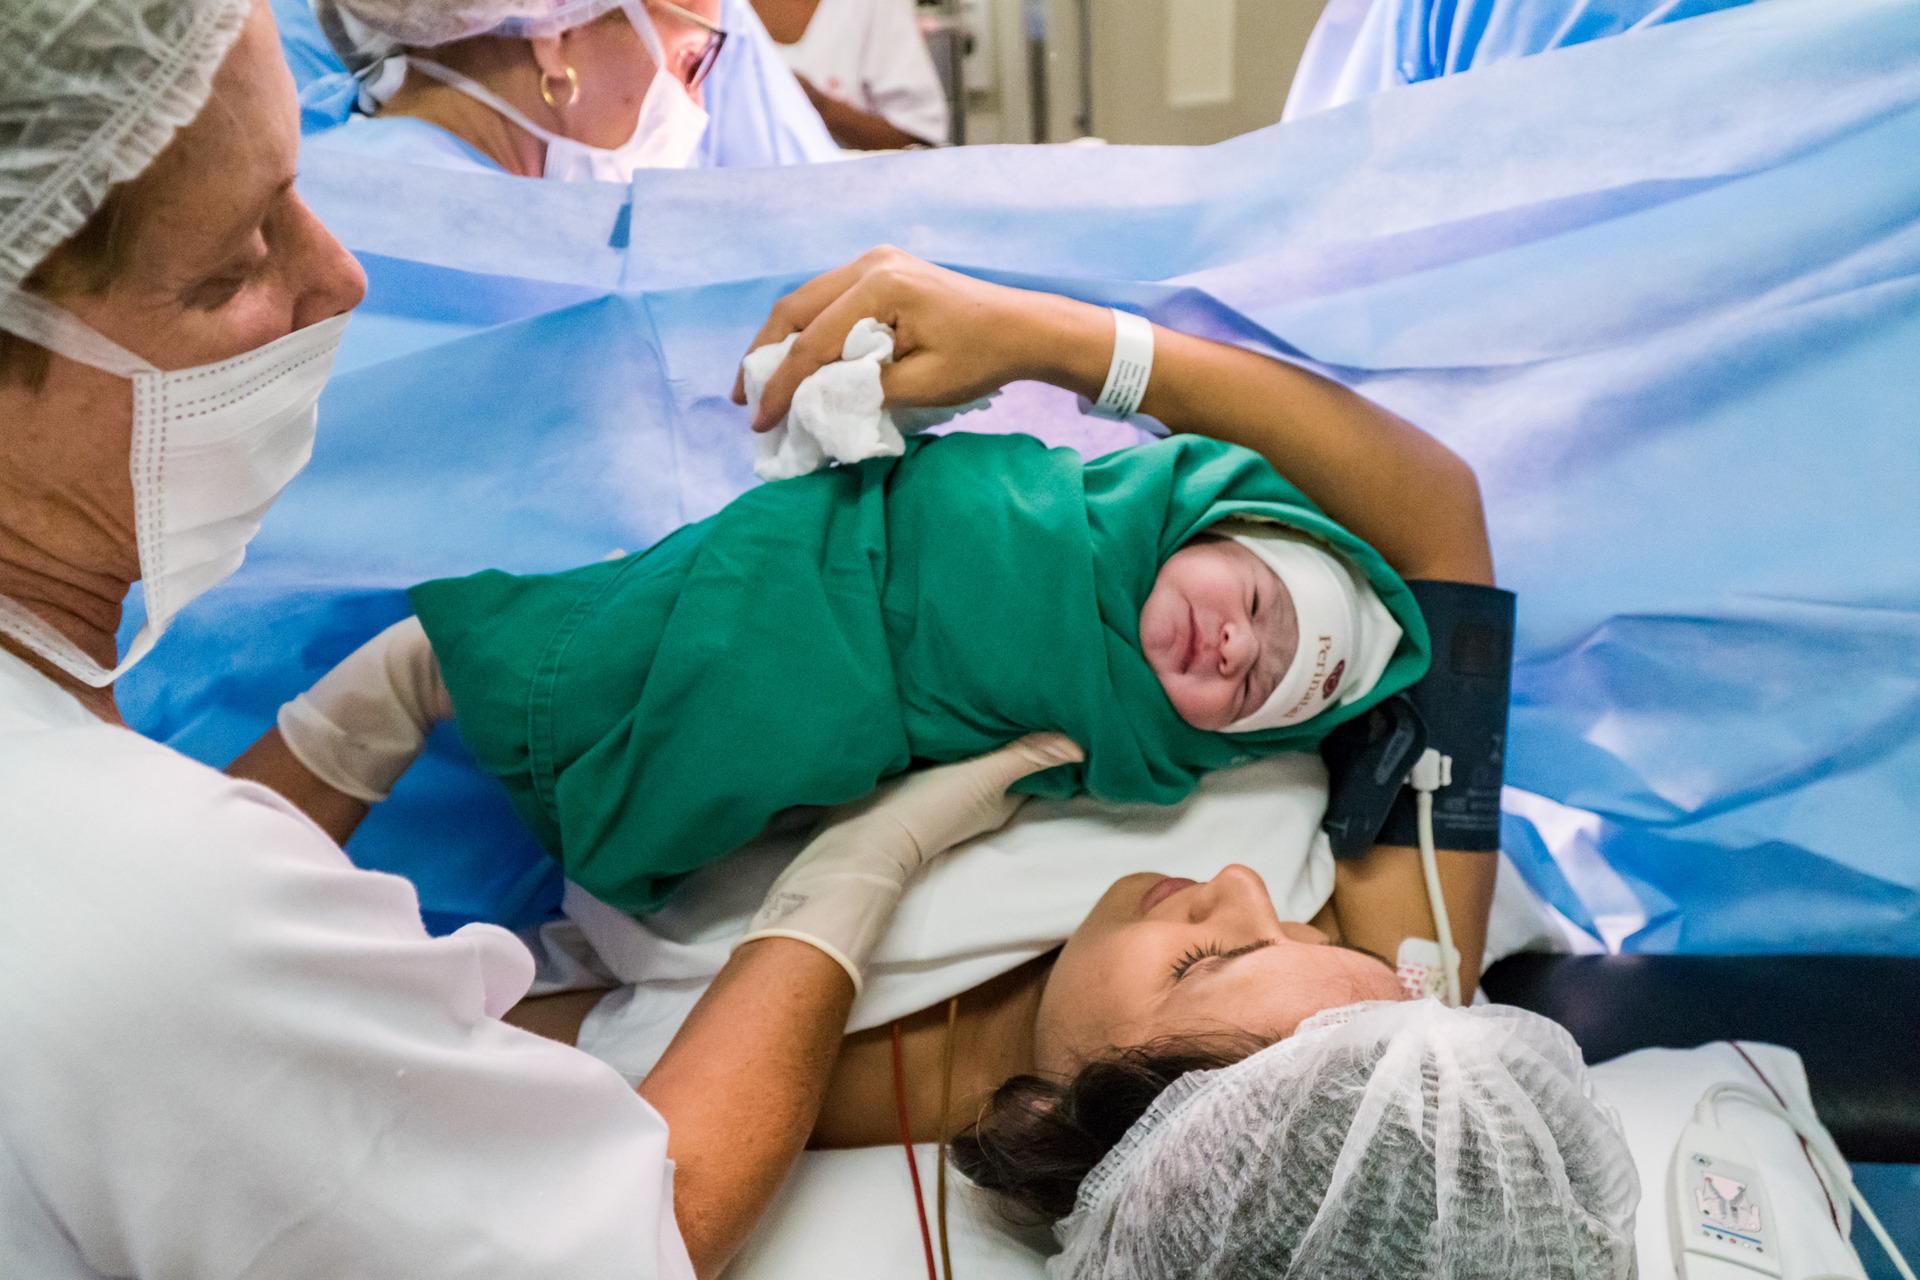 fotografia de parto rj, medica obstetra, fotografia de nascimento, fotografia bebe nascendo, mae segurando bebe ao nascer